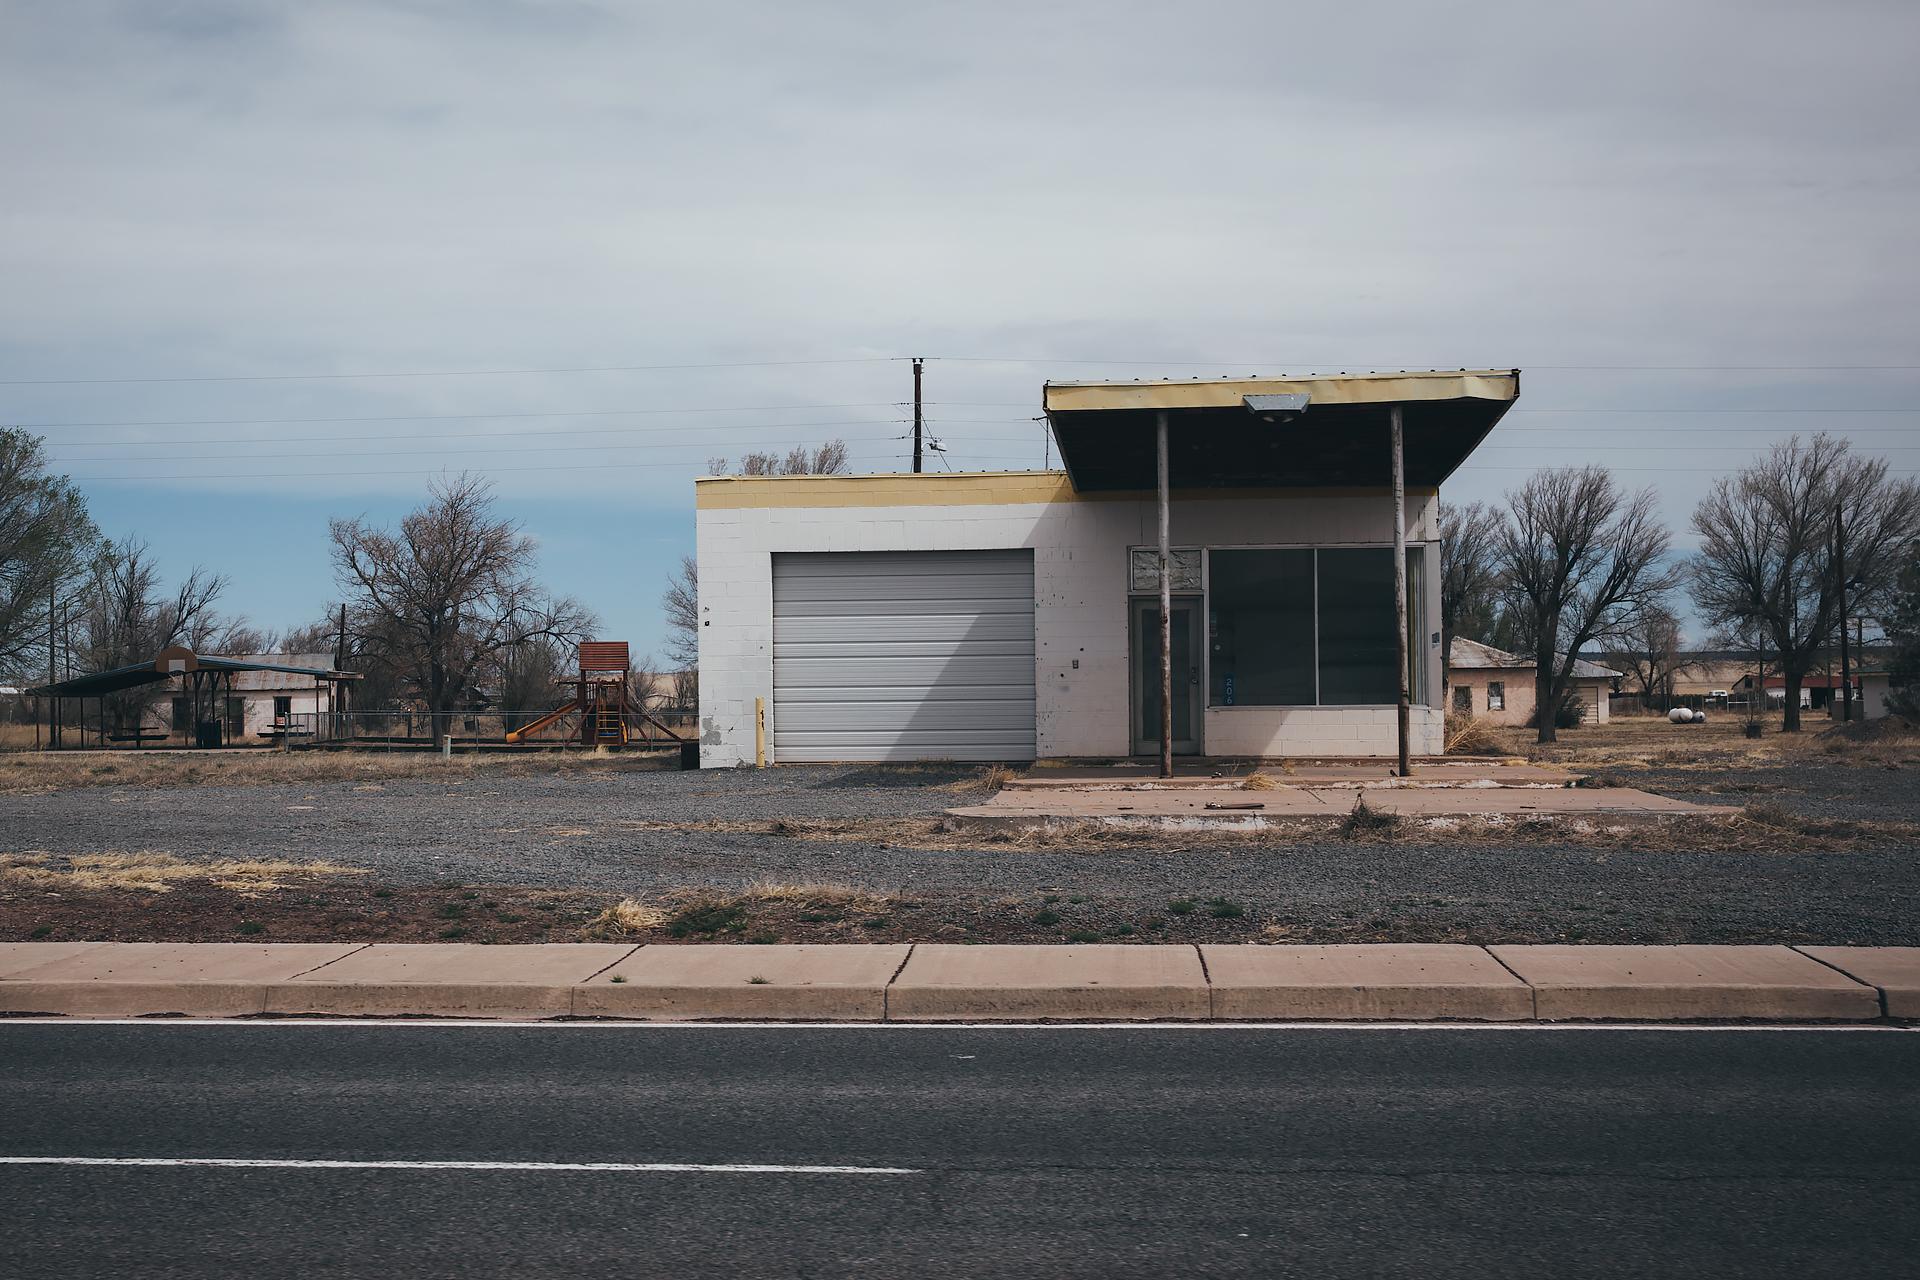 Driveby Shooting, Texas